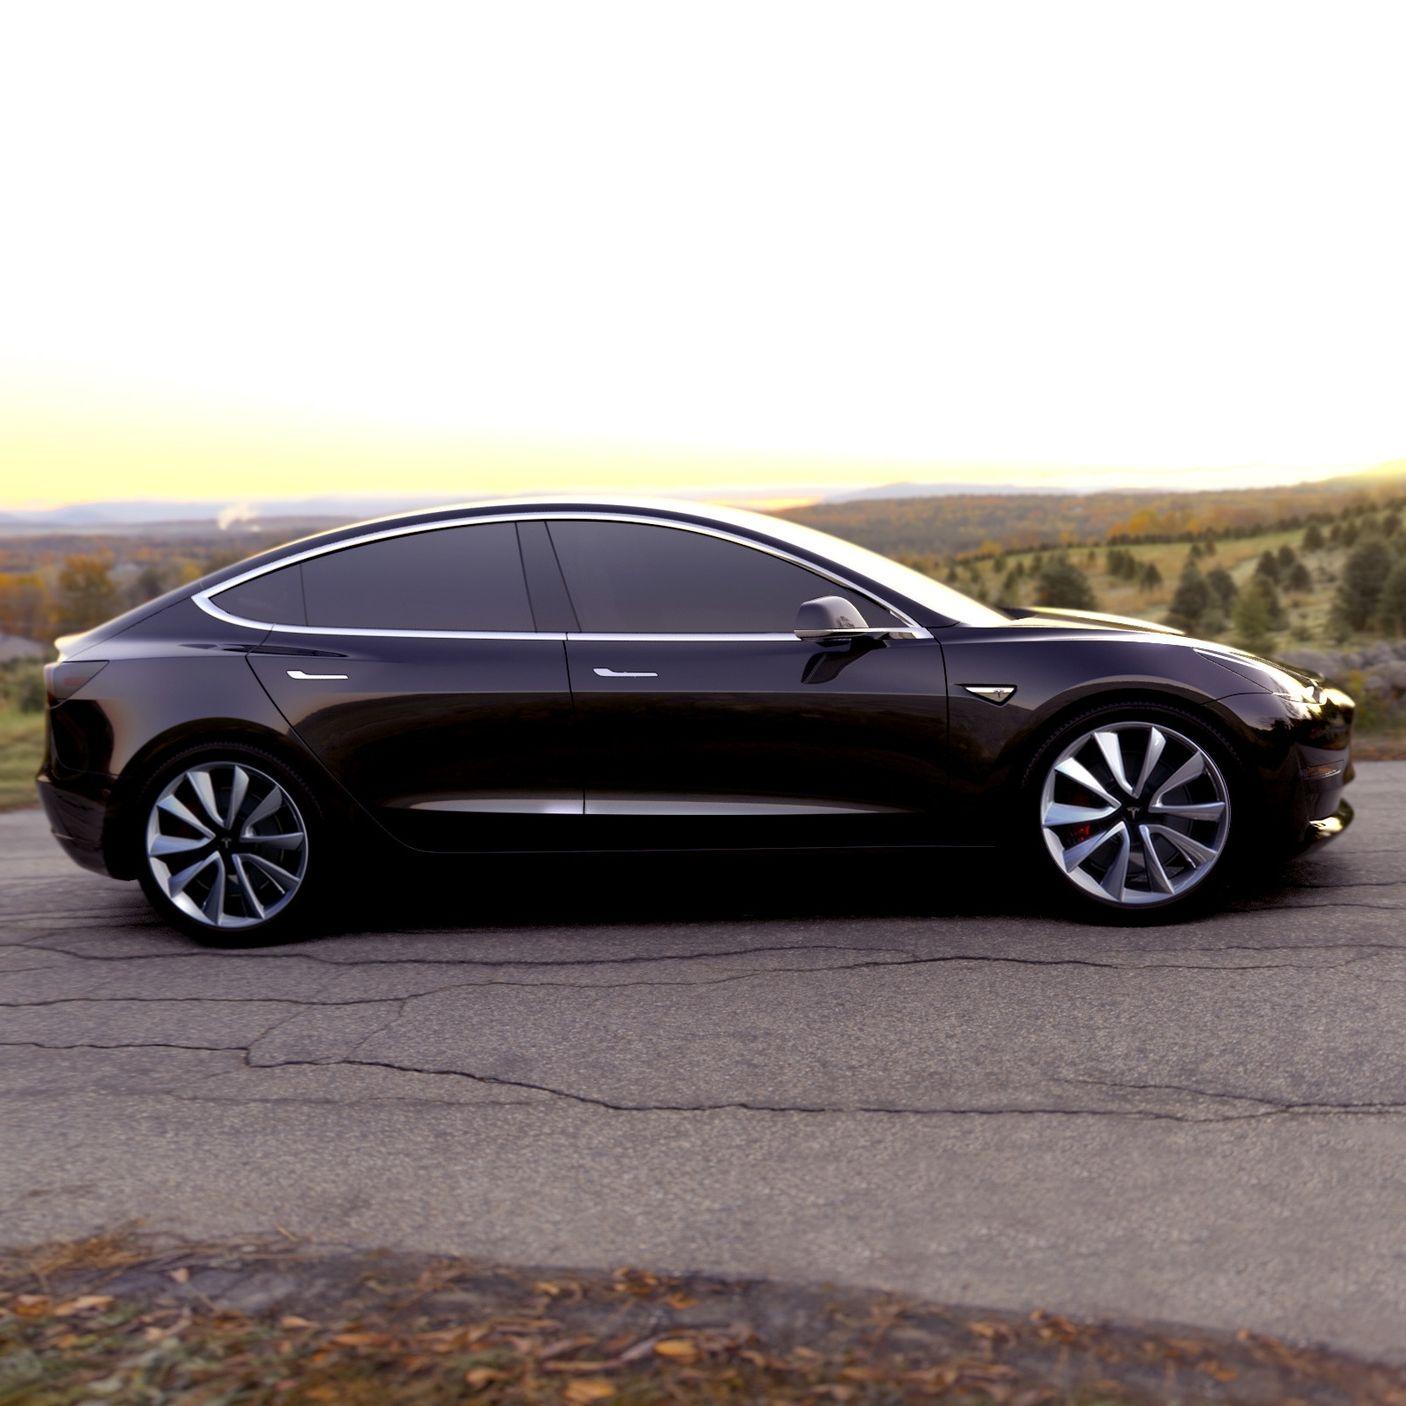 Why I Deserve a Tesla — Future Proof M.D. Tesla model